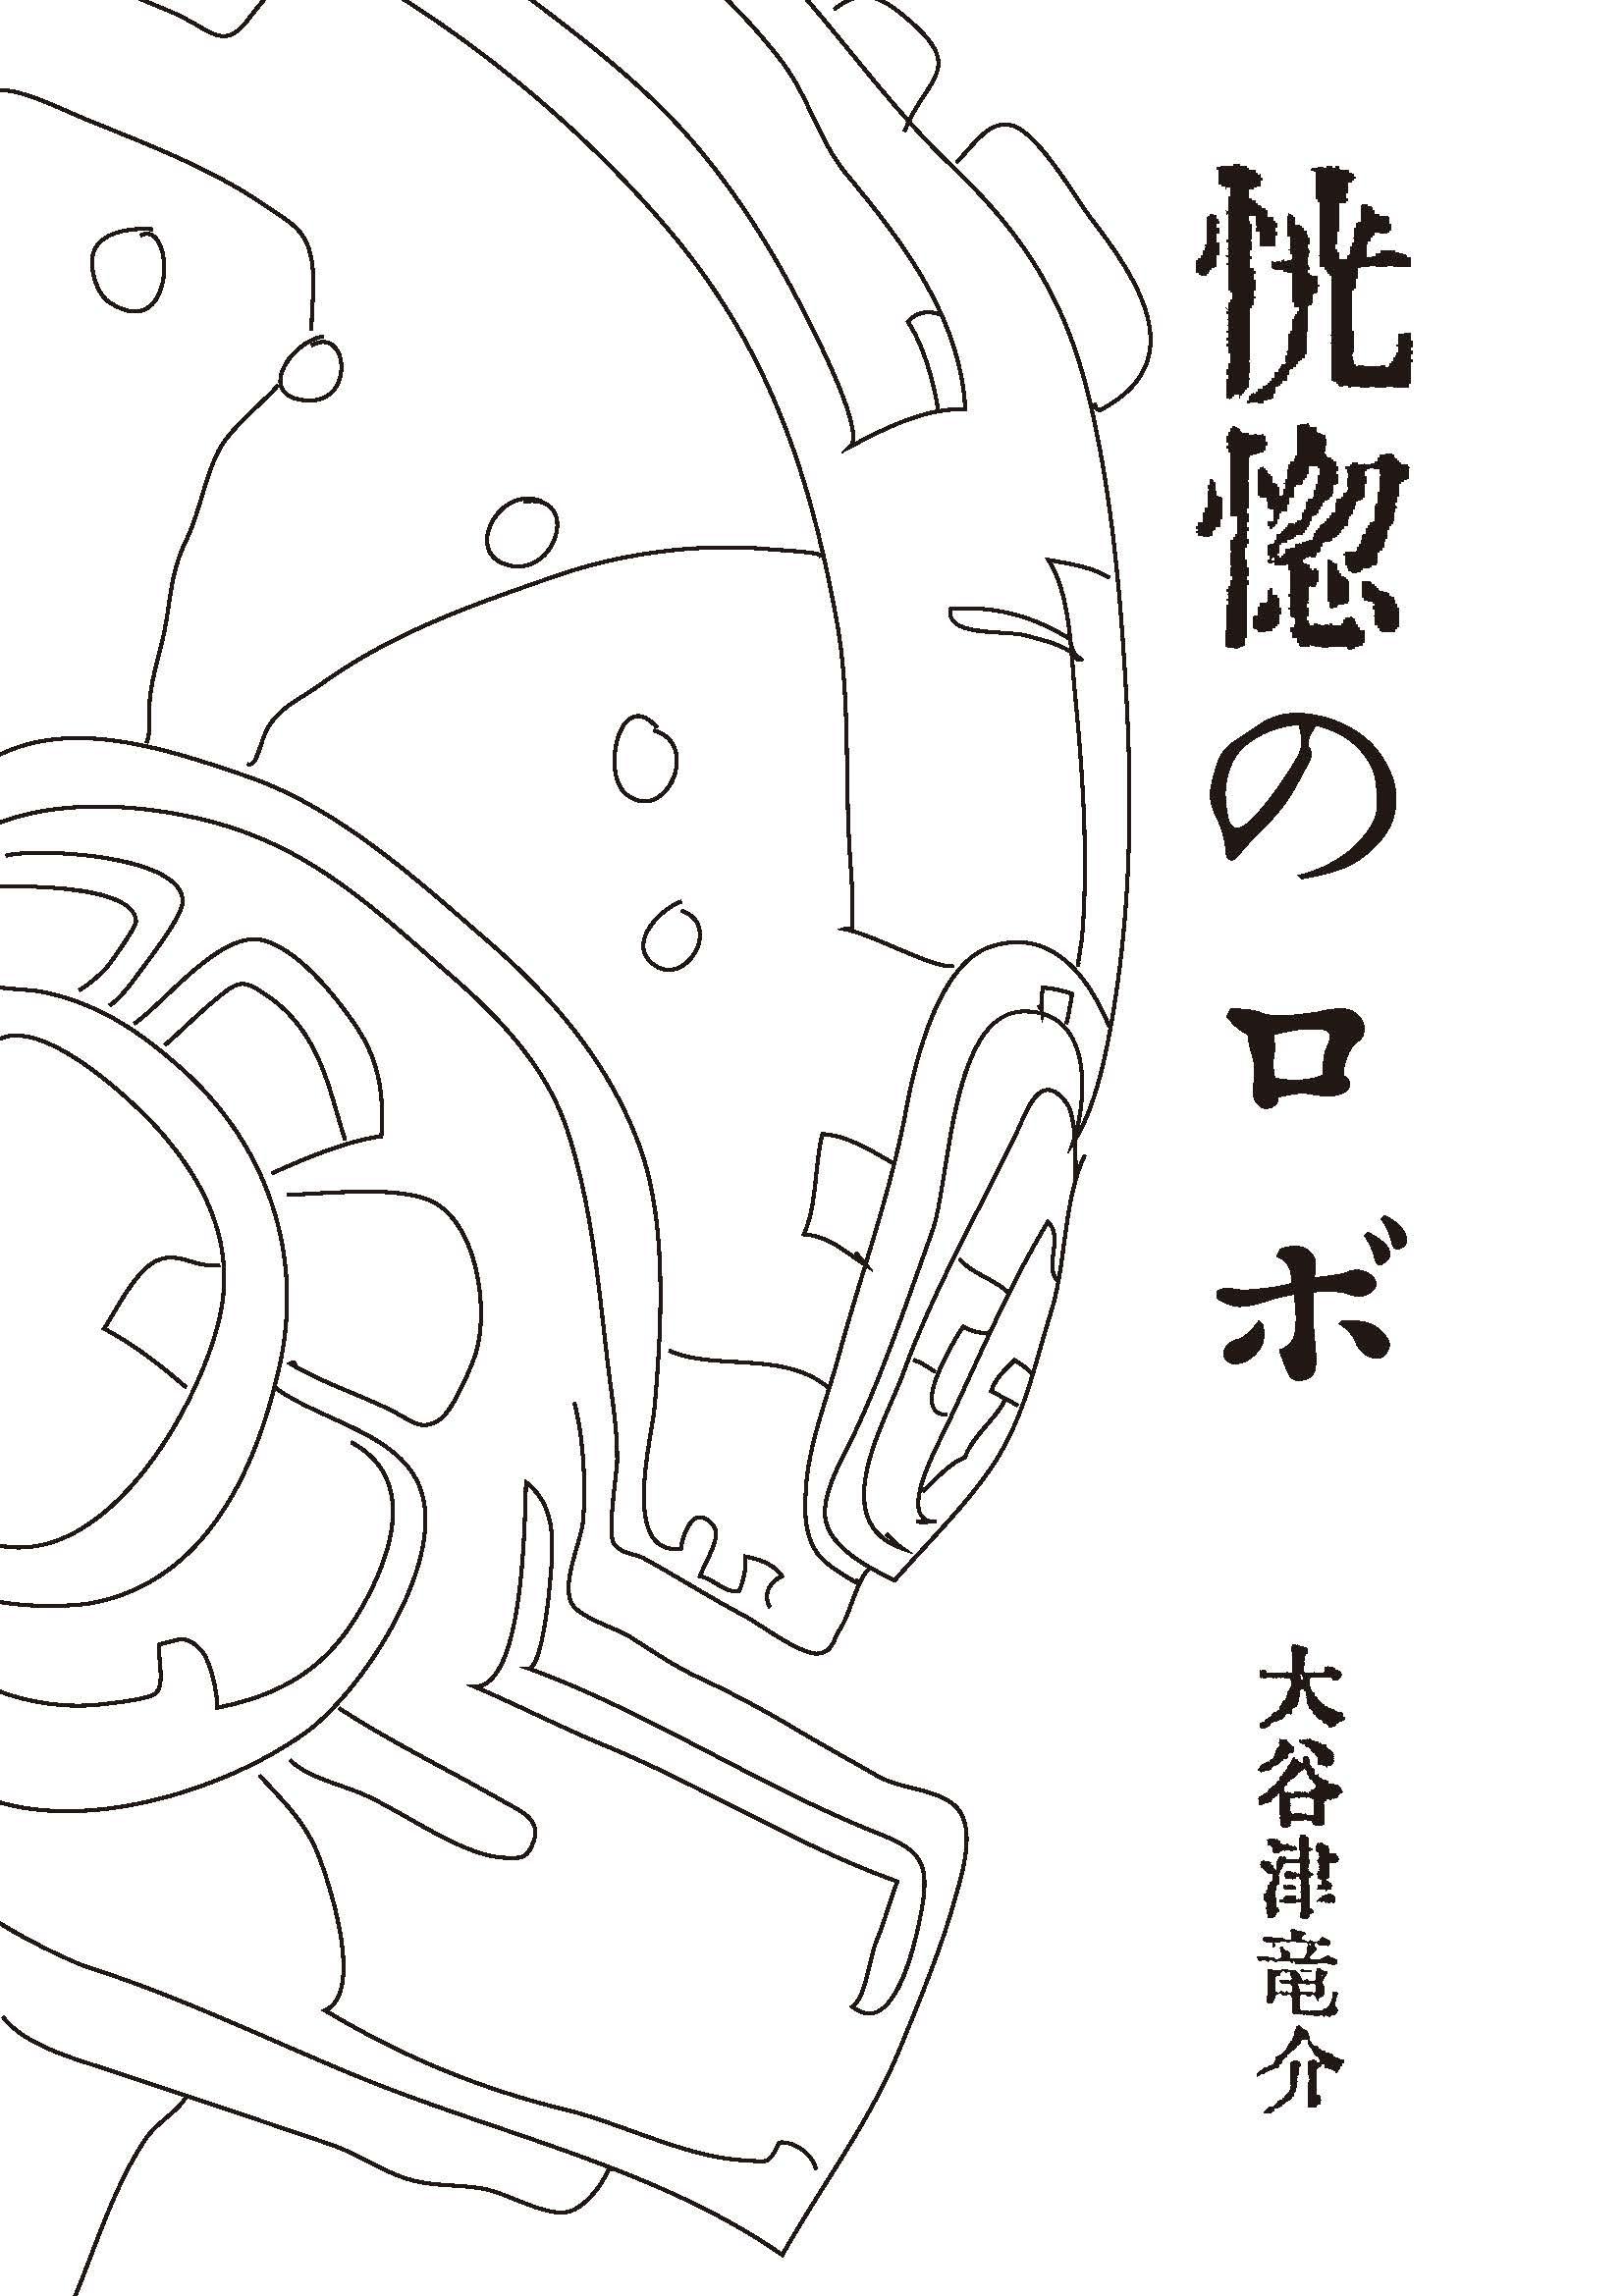 """自作小説『恍惚のロボ』表紙イラスト-my novel cover """" Unconscious under the robot """" (2016)"""